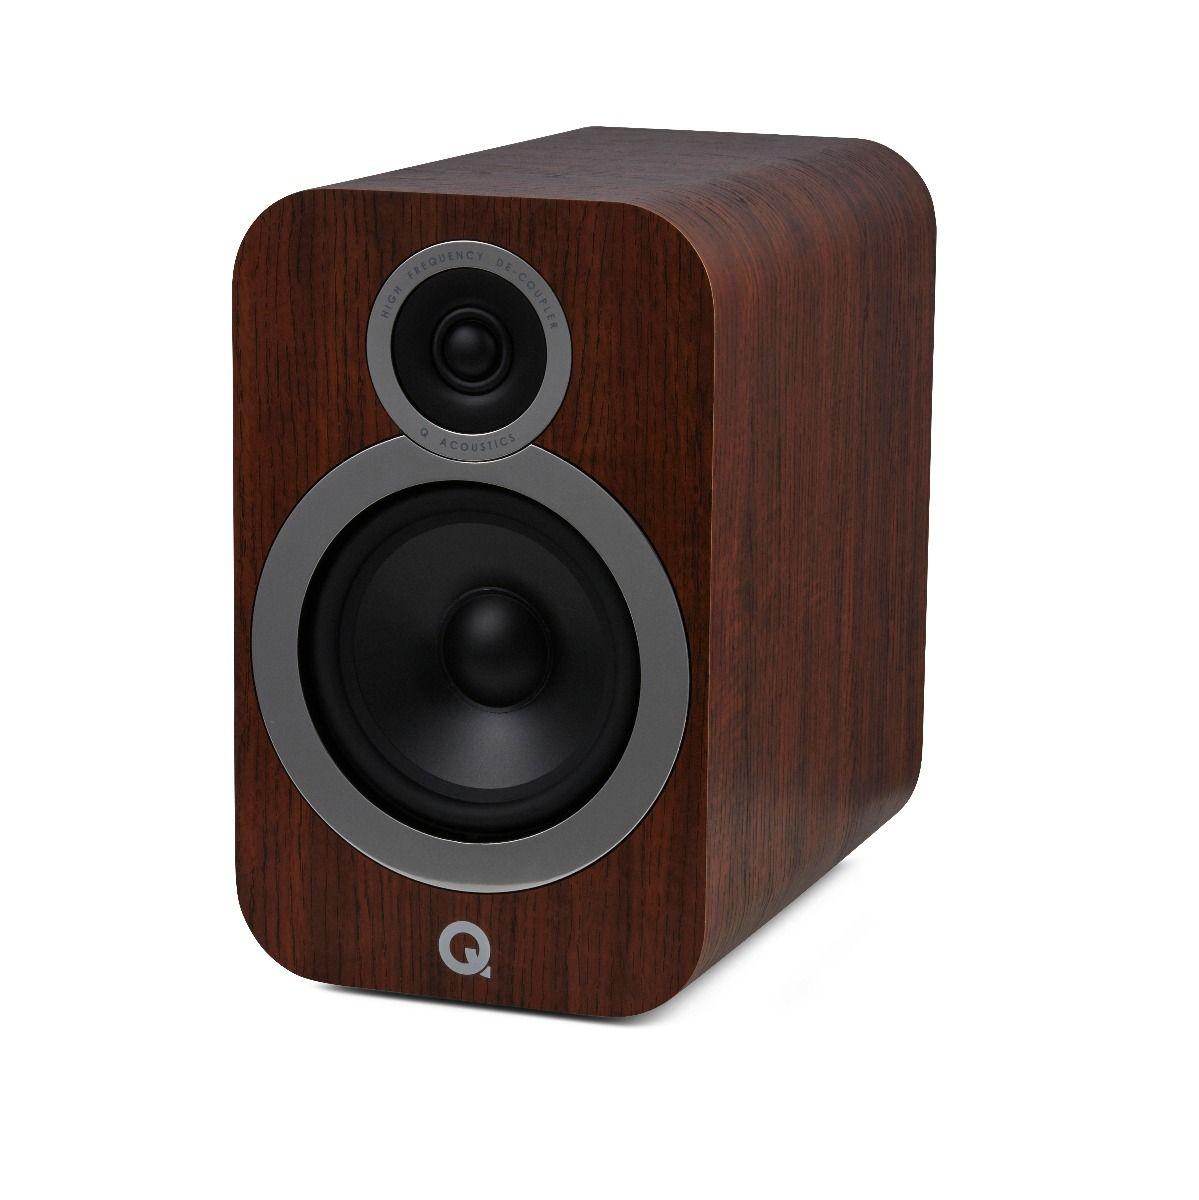 Q Acoustics 3030i - Hans Audio